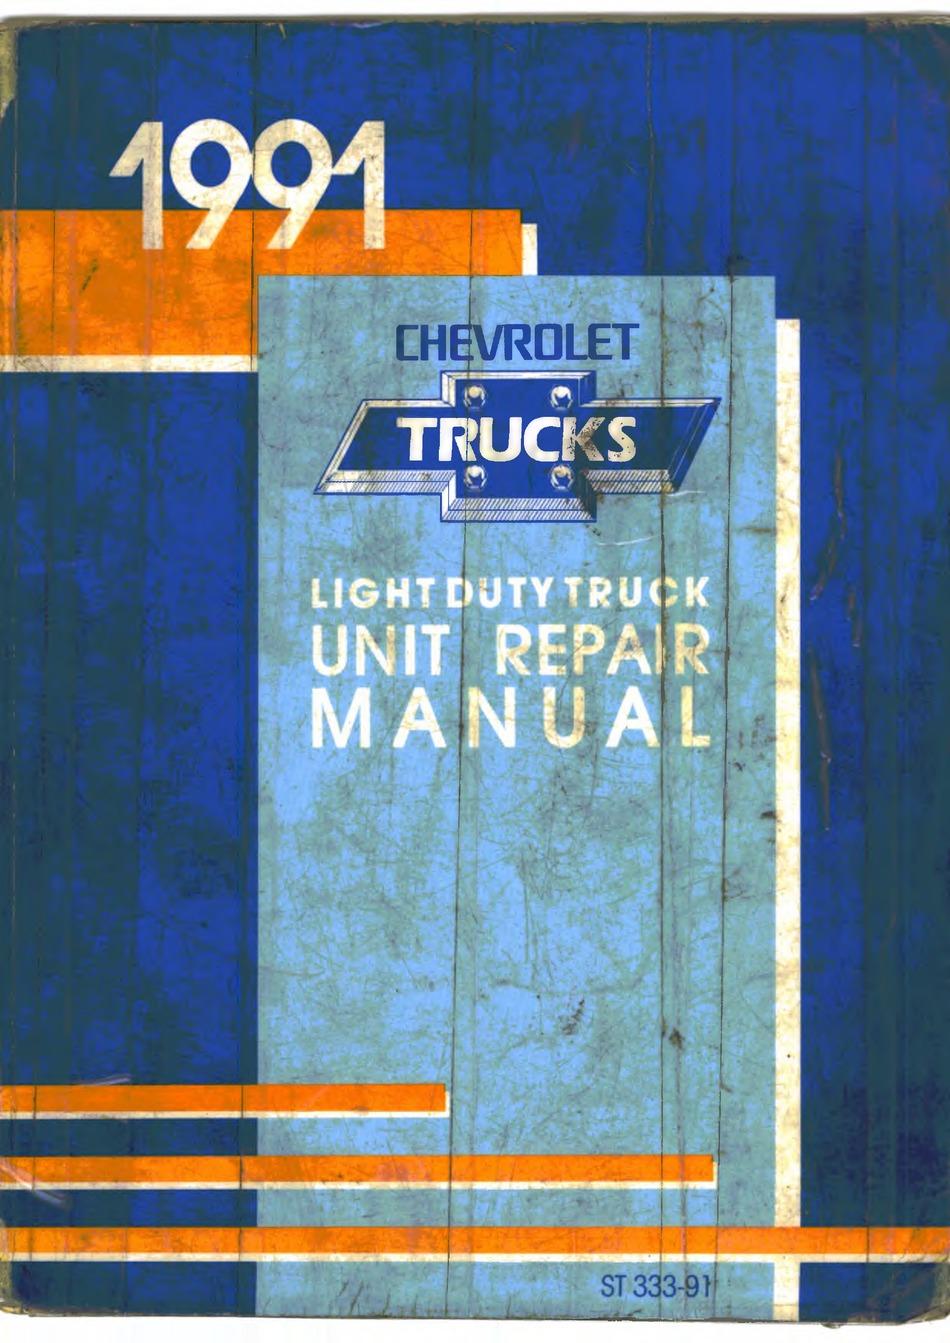 Chevrolet 1991 Light Duty Truck Repair Manual Pdf Download Manualslib